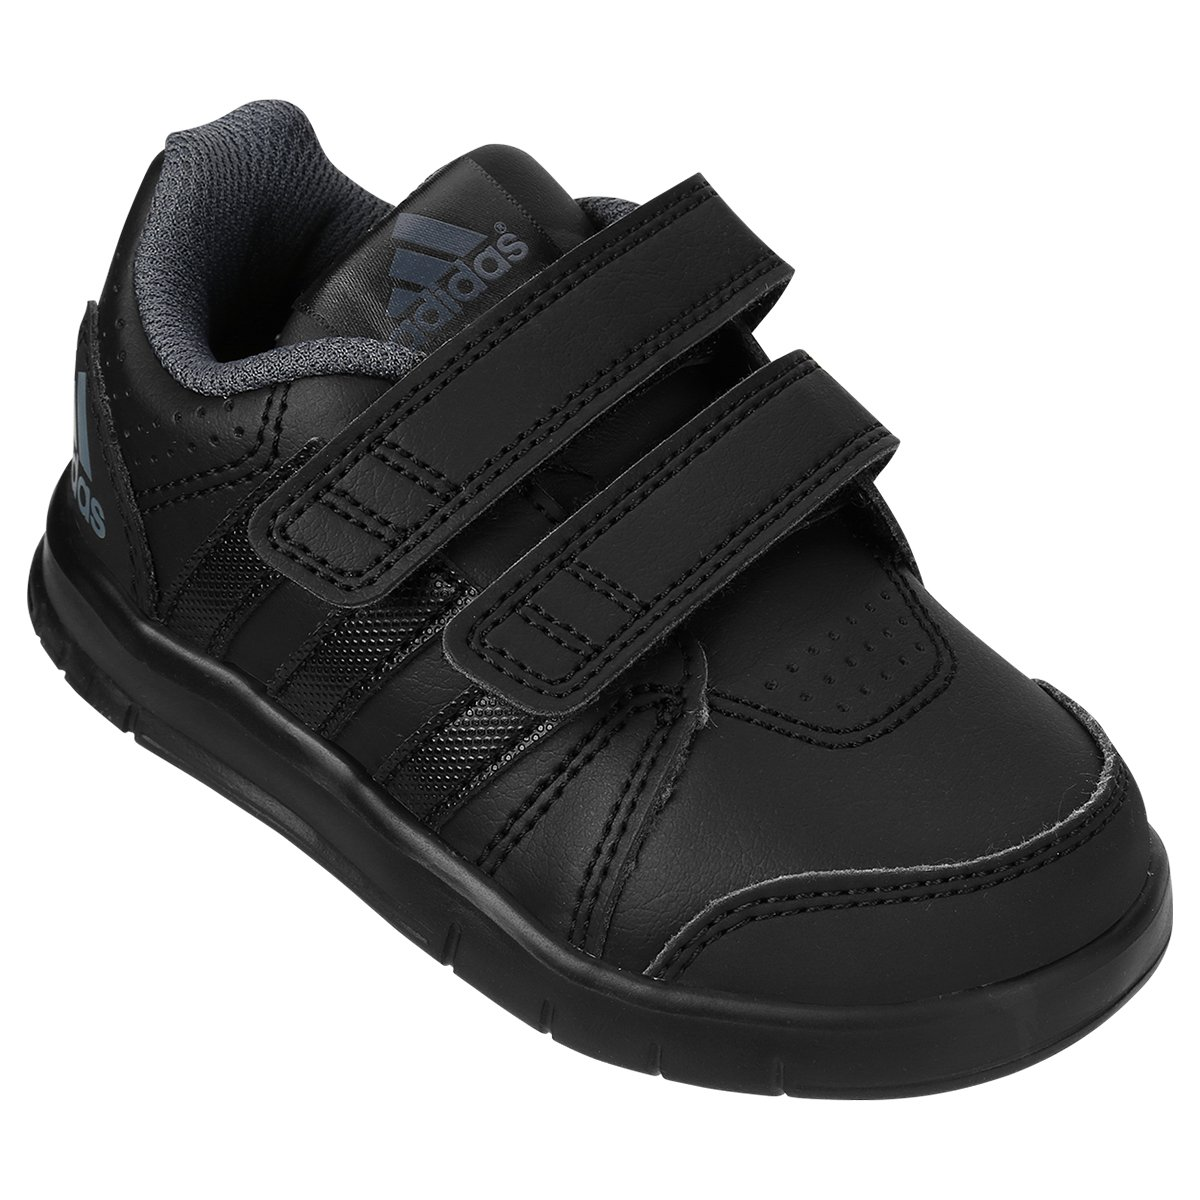 79f08570ebf Tênis Adidas Lk Trainer Cf I Synth Infantil - Preto - Compre Agora ...